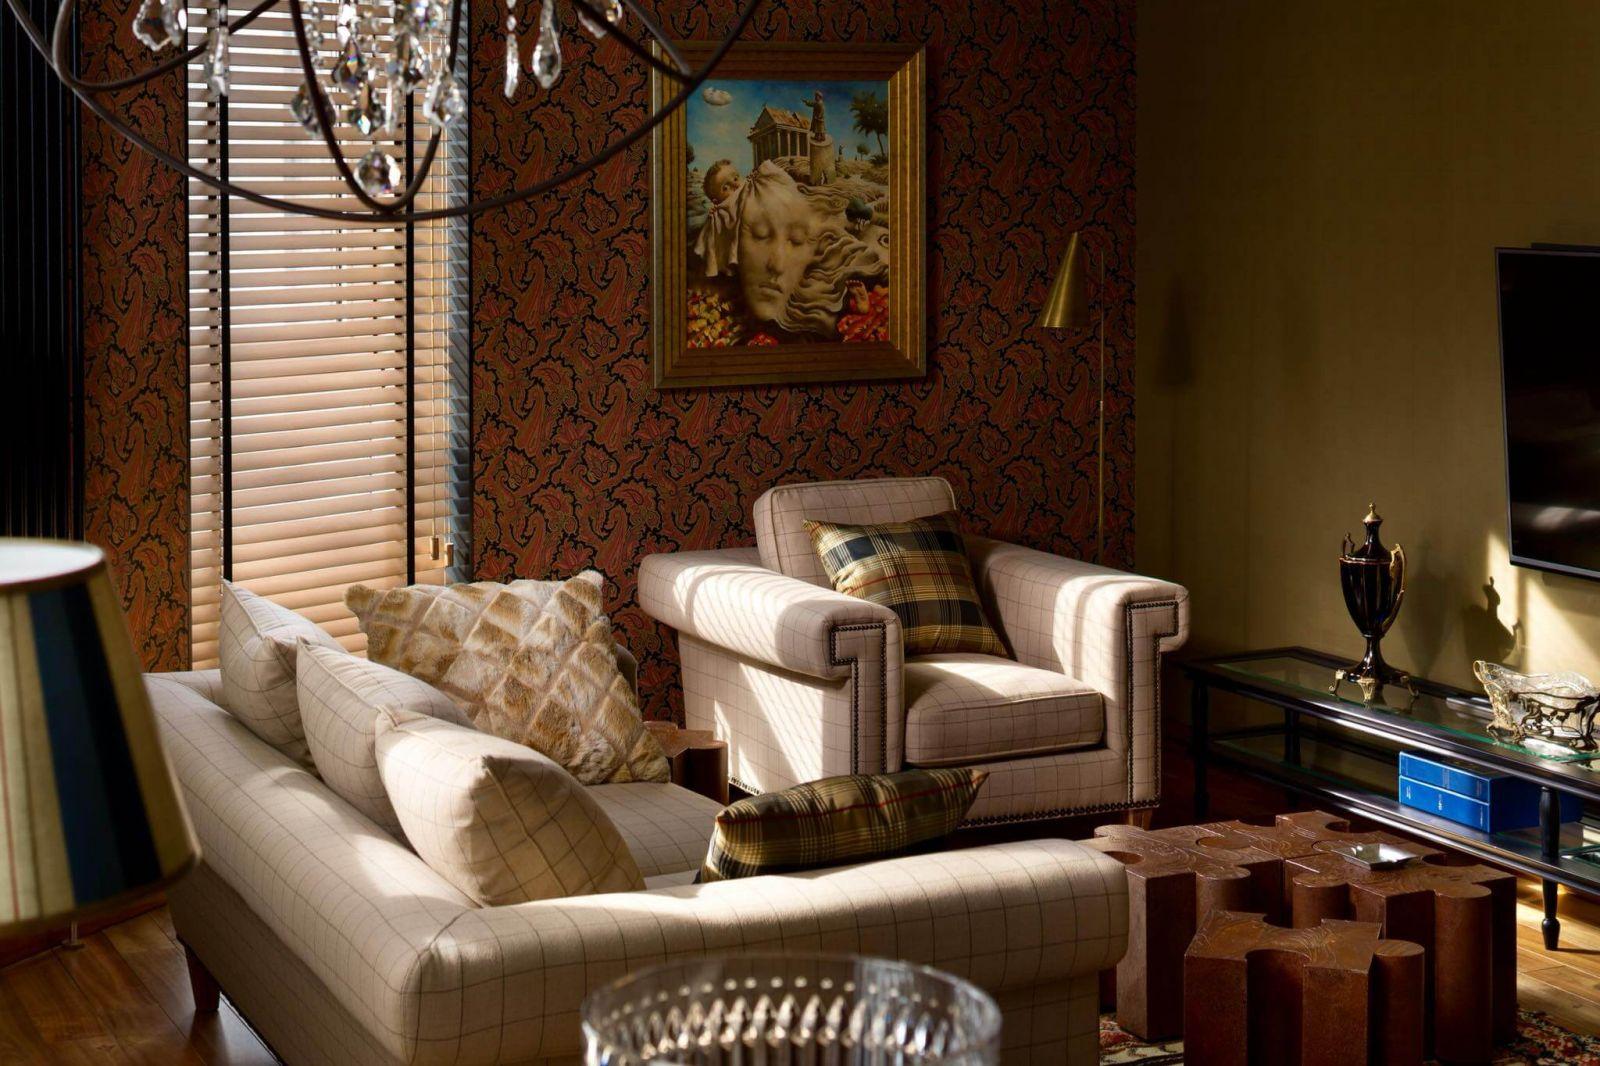 Многие предметы мебели для этого интерьера были заказаны из США